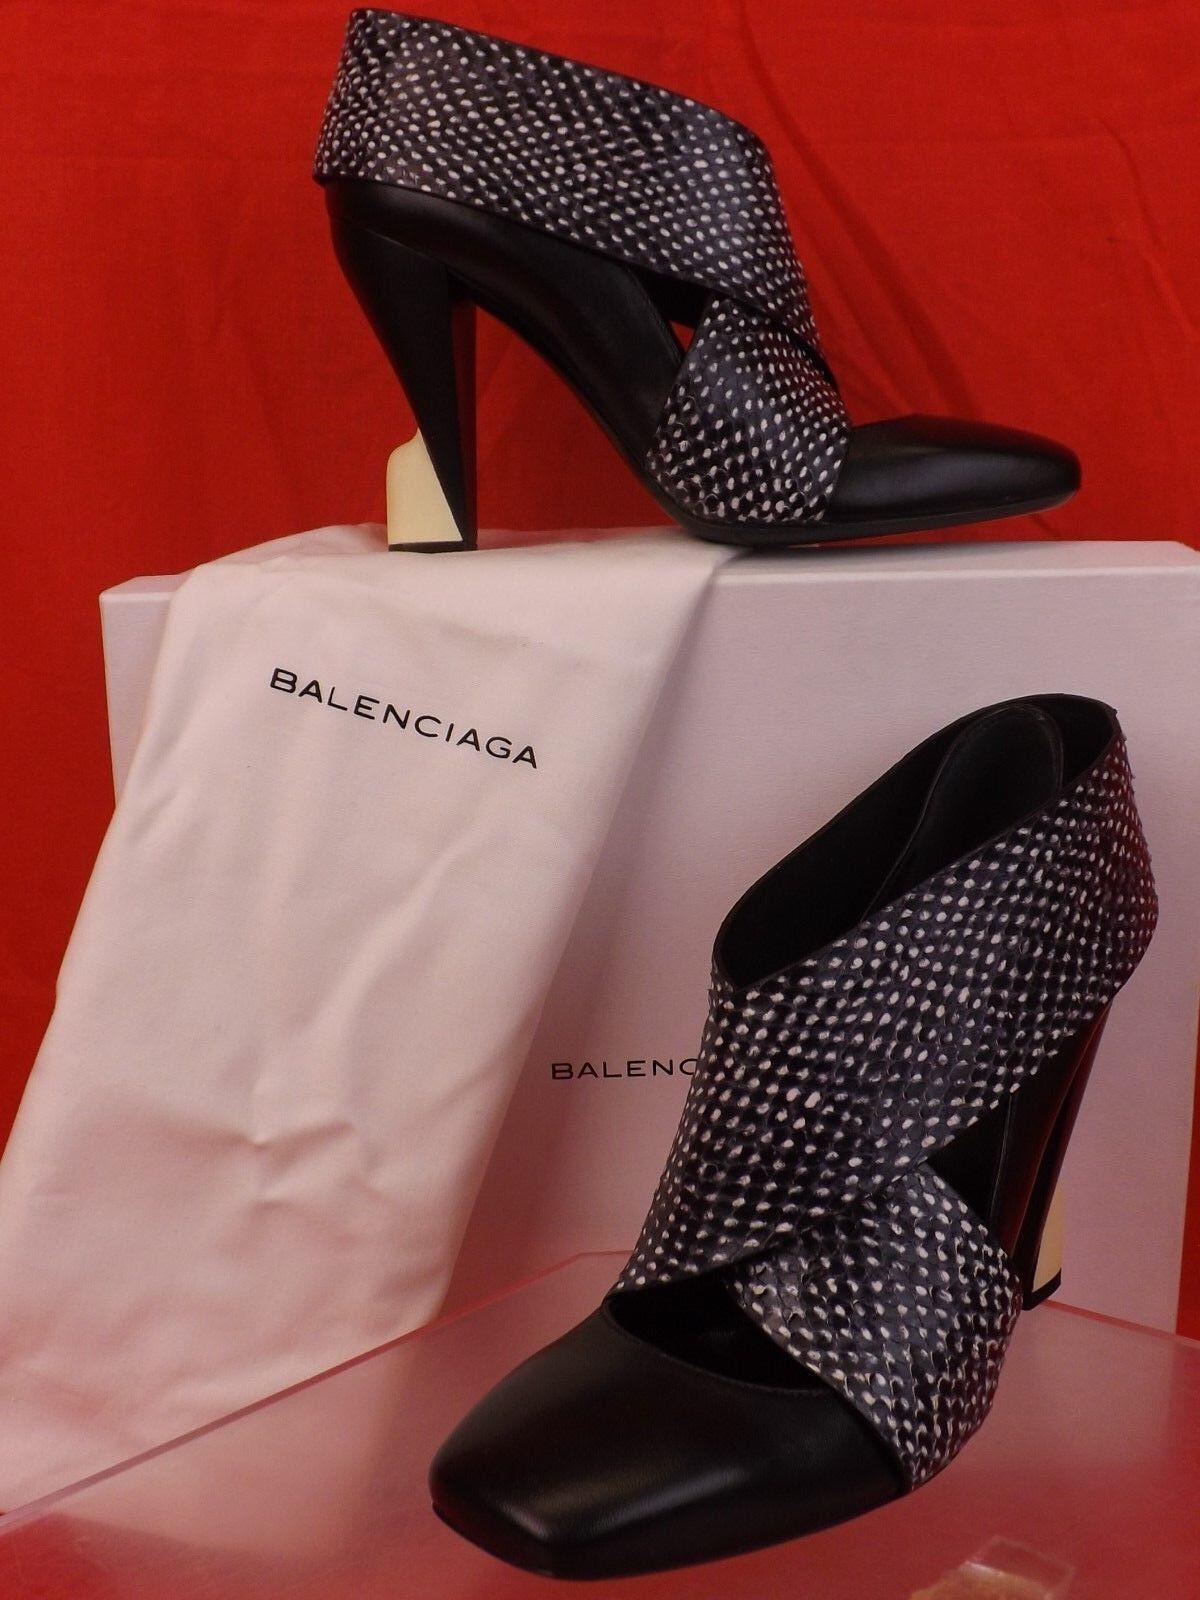 Nouveau dans la boîte BALENCIAGA Noir Wrap SNAKE PRINT PRINT PRINT Cuir Sculpture talons pompes 37 292683 6d671b